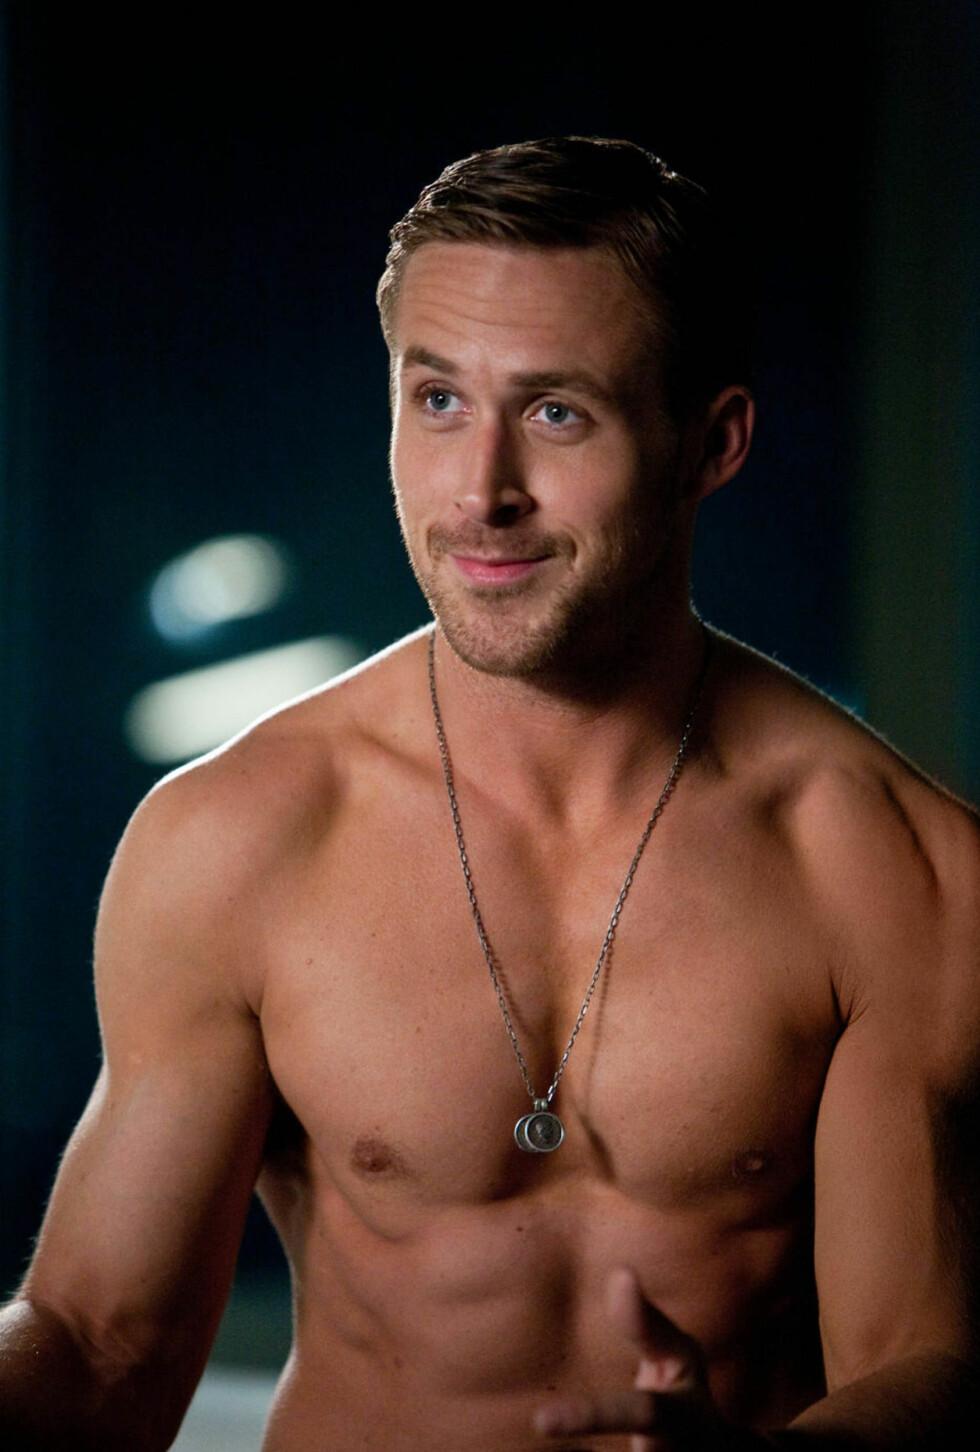 MANGE FANS: Ryan Gosling blir av mange kvinner sett på som drømmemannen. Foto: FameFlynet Norway